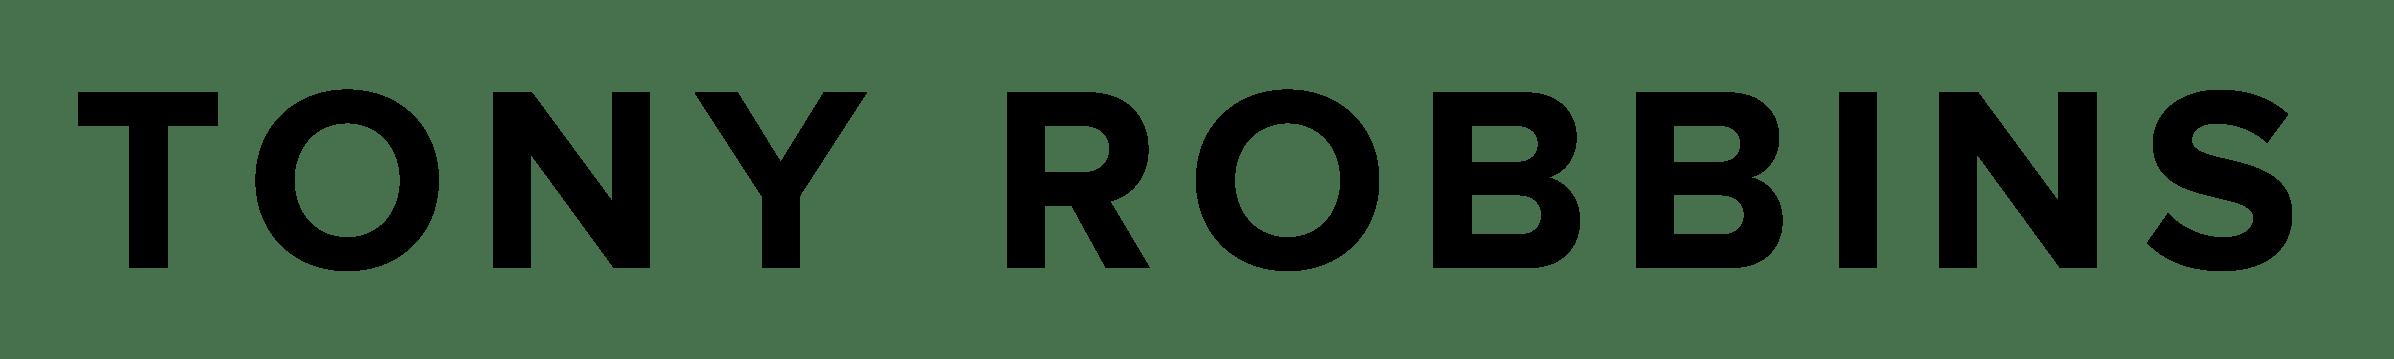 Tony_Robbins events logo